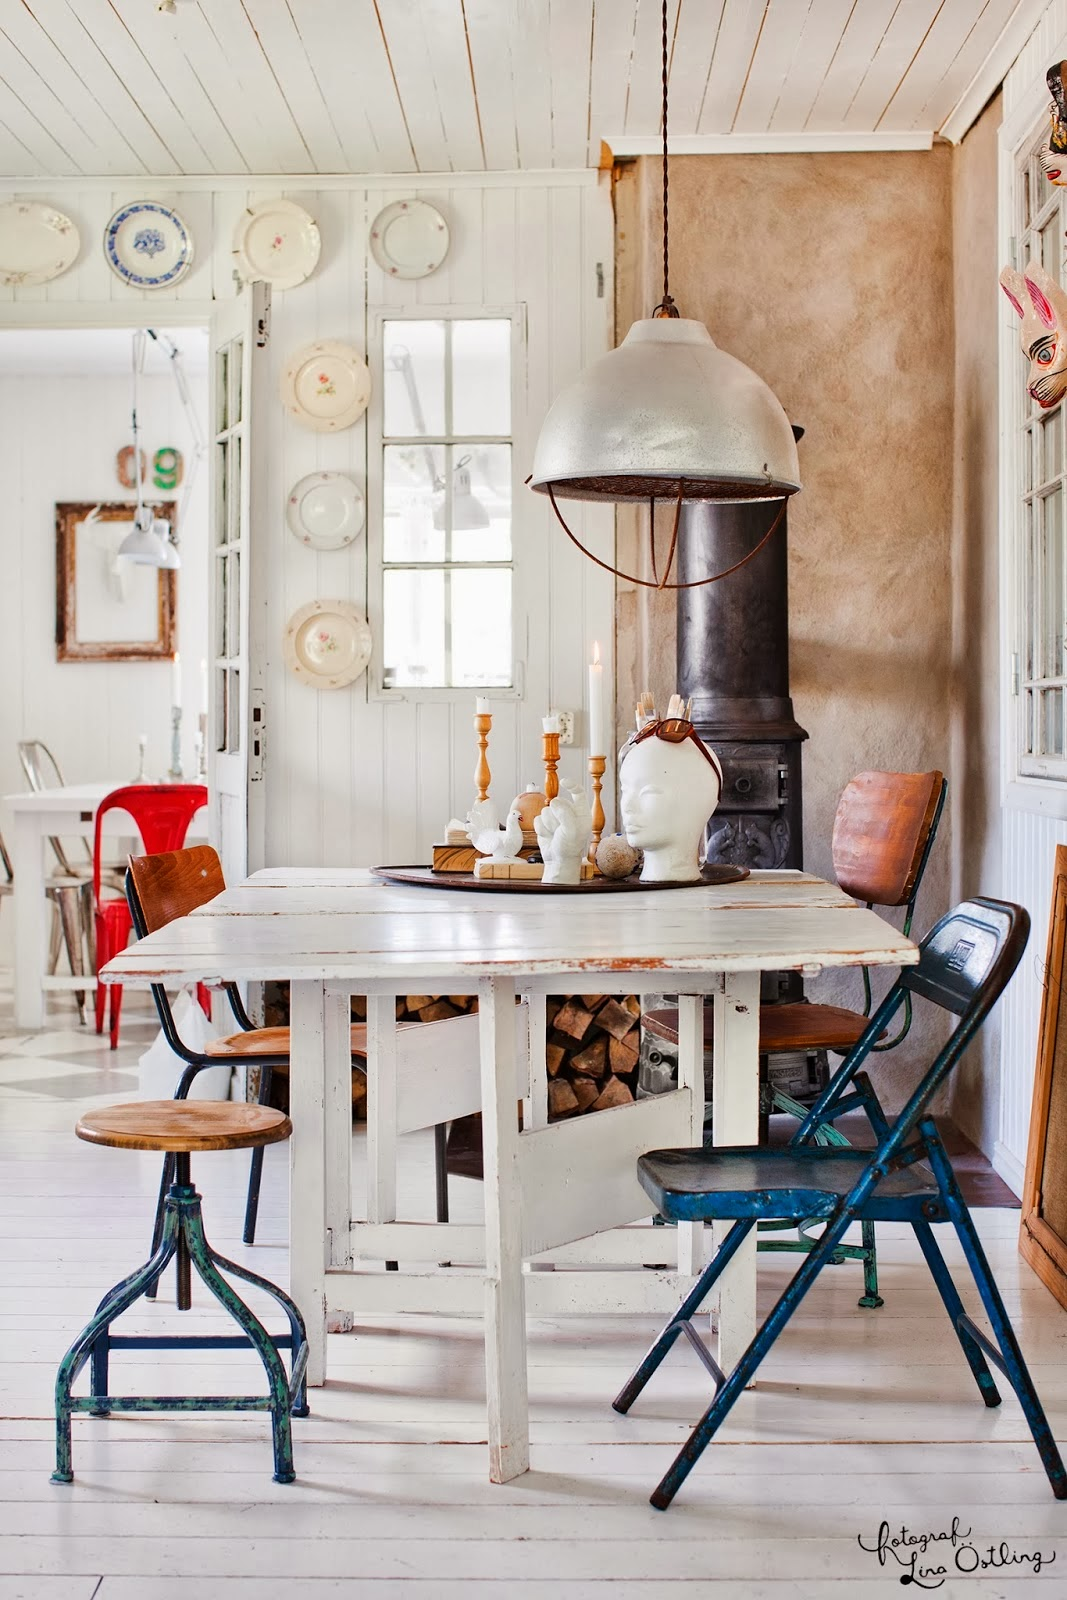 Industrialny taboret, czerwone krzesło tolix, metalowe krzesła, różne krzesła, biały drewniany stół w jadalnie, biała podłoga, industrialne dodatki